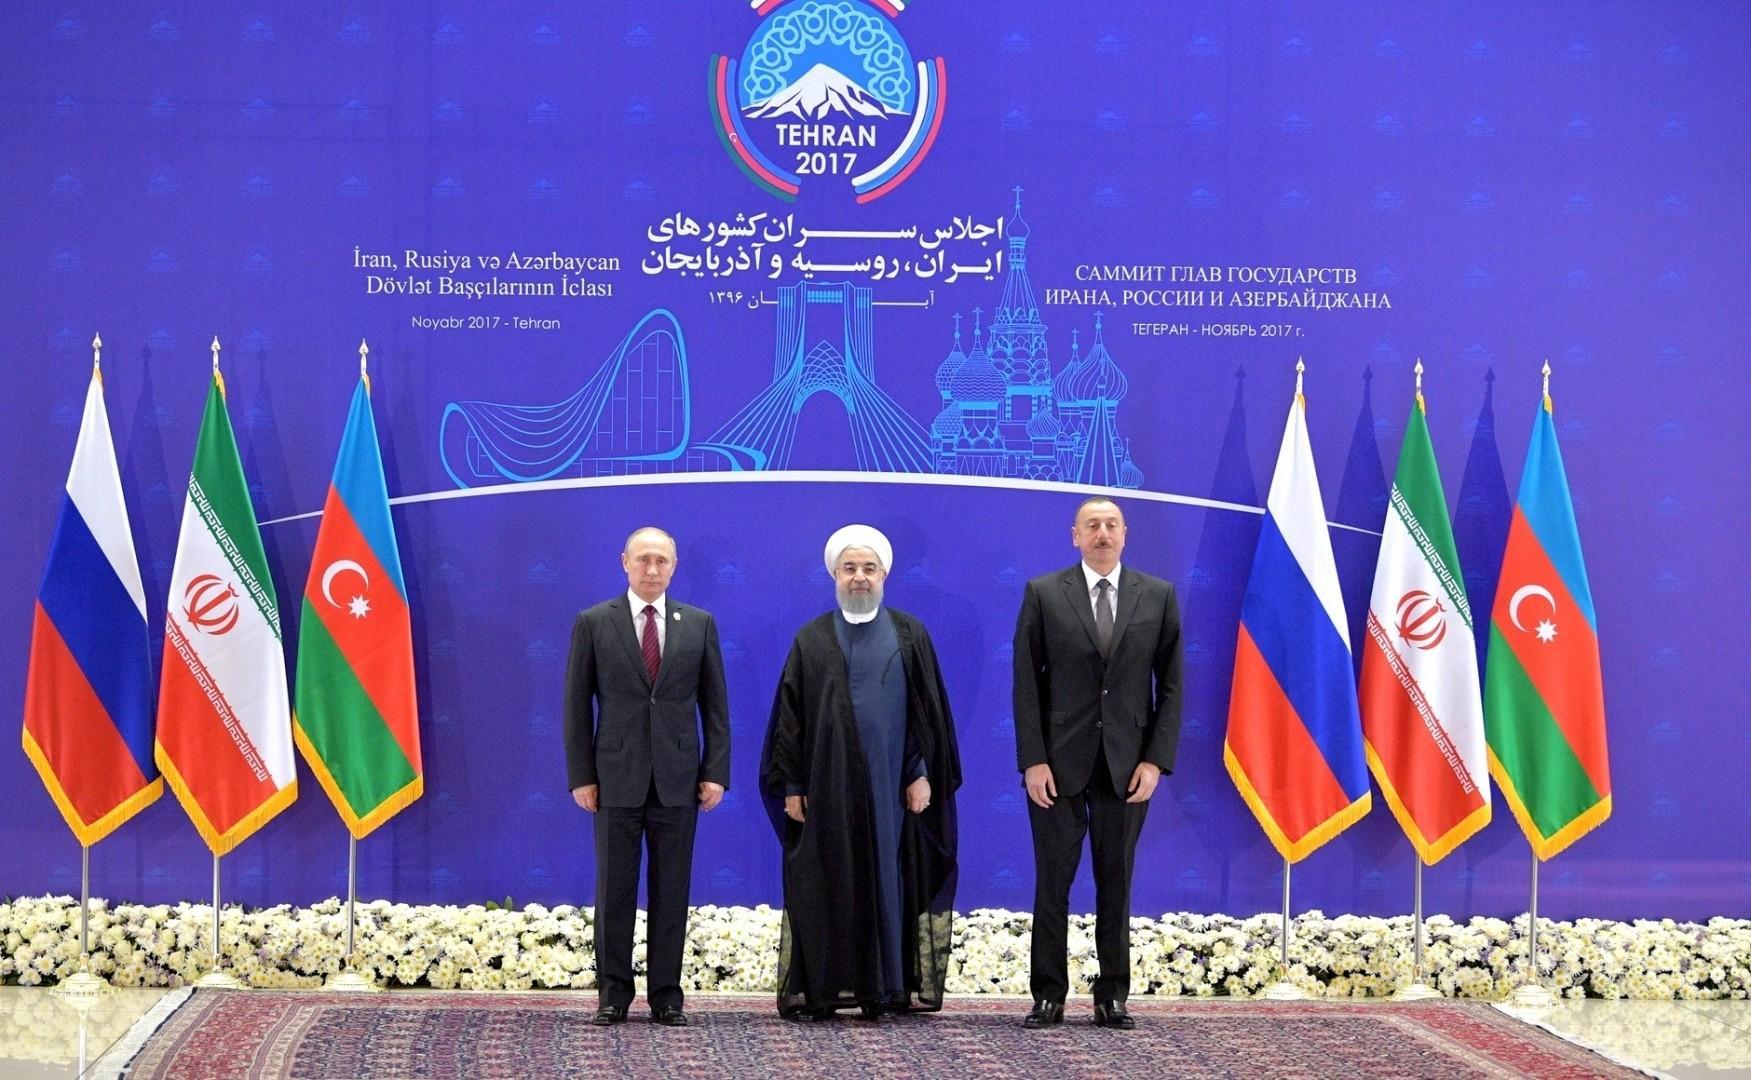 Rusiya, Azərbaycan və İran prezidentlərinin görüşü başqa vaxta keçirilib